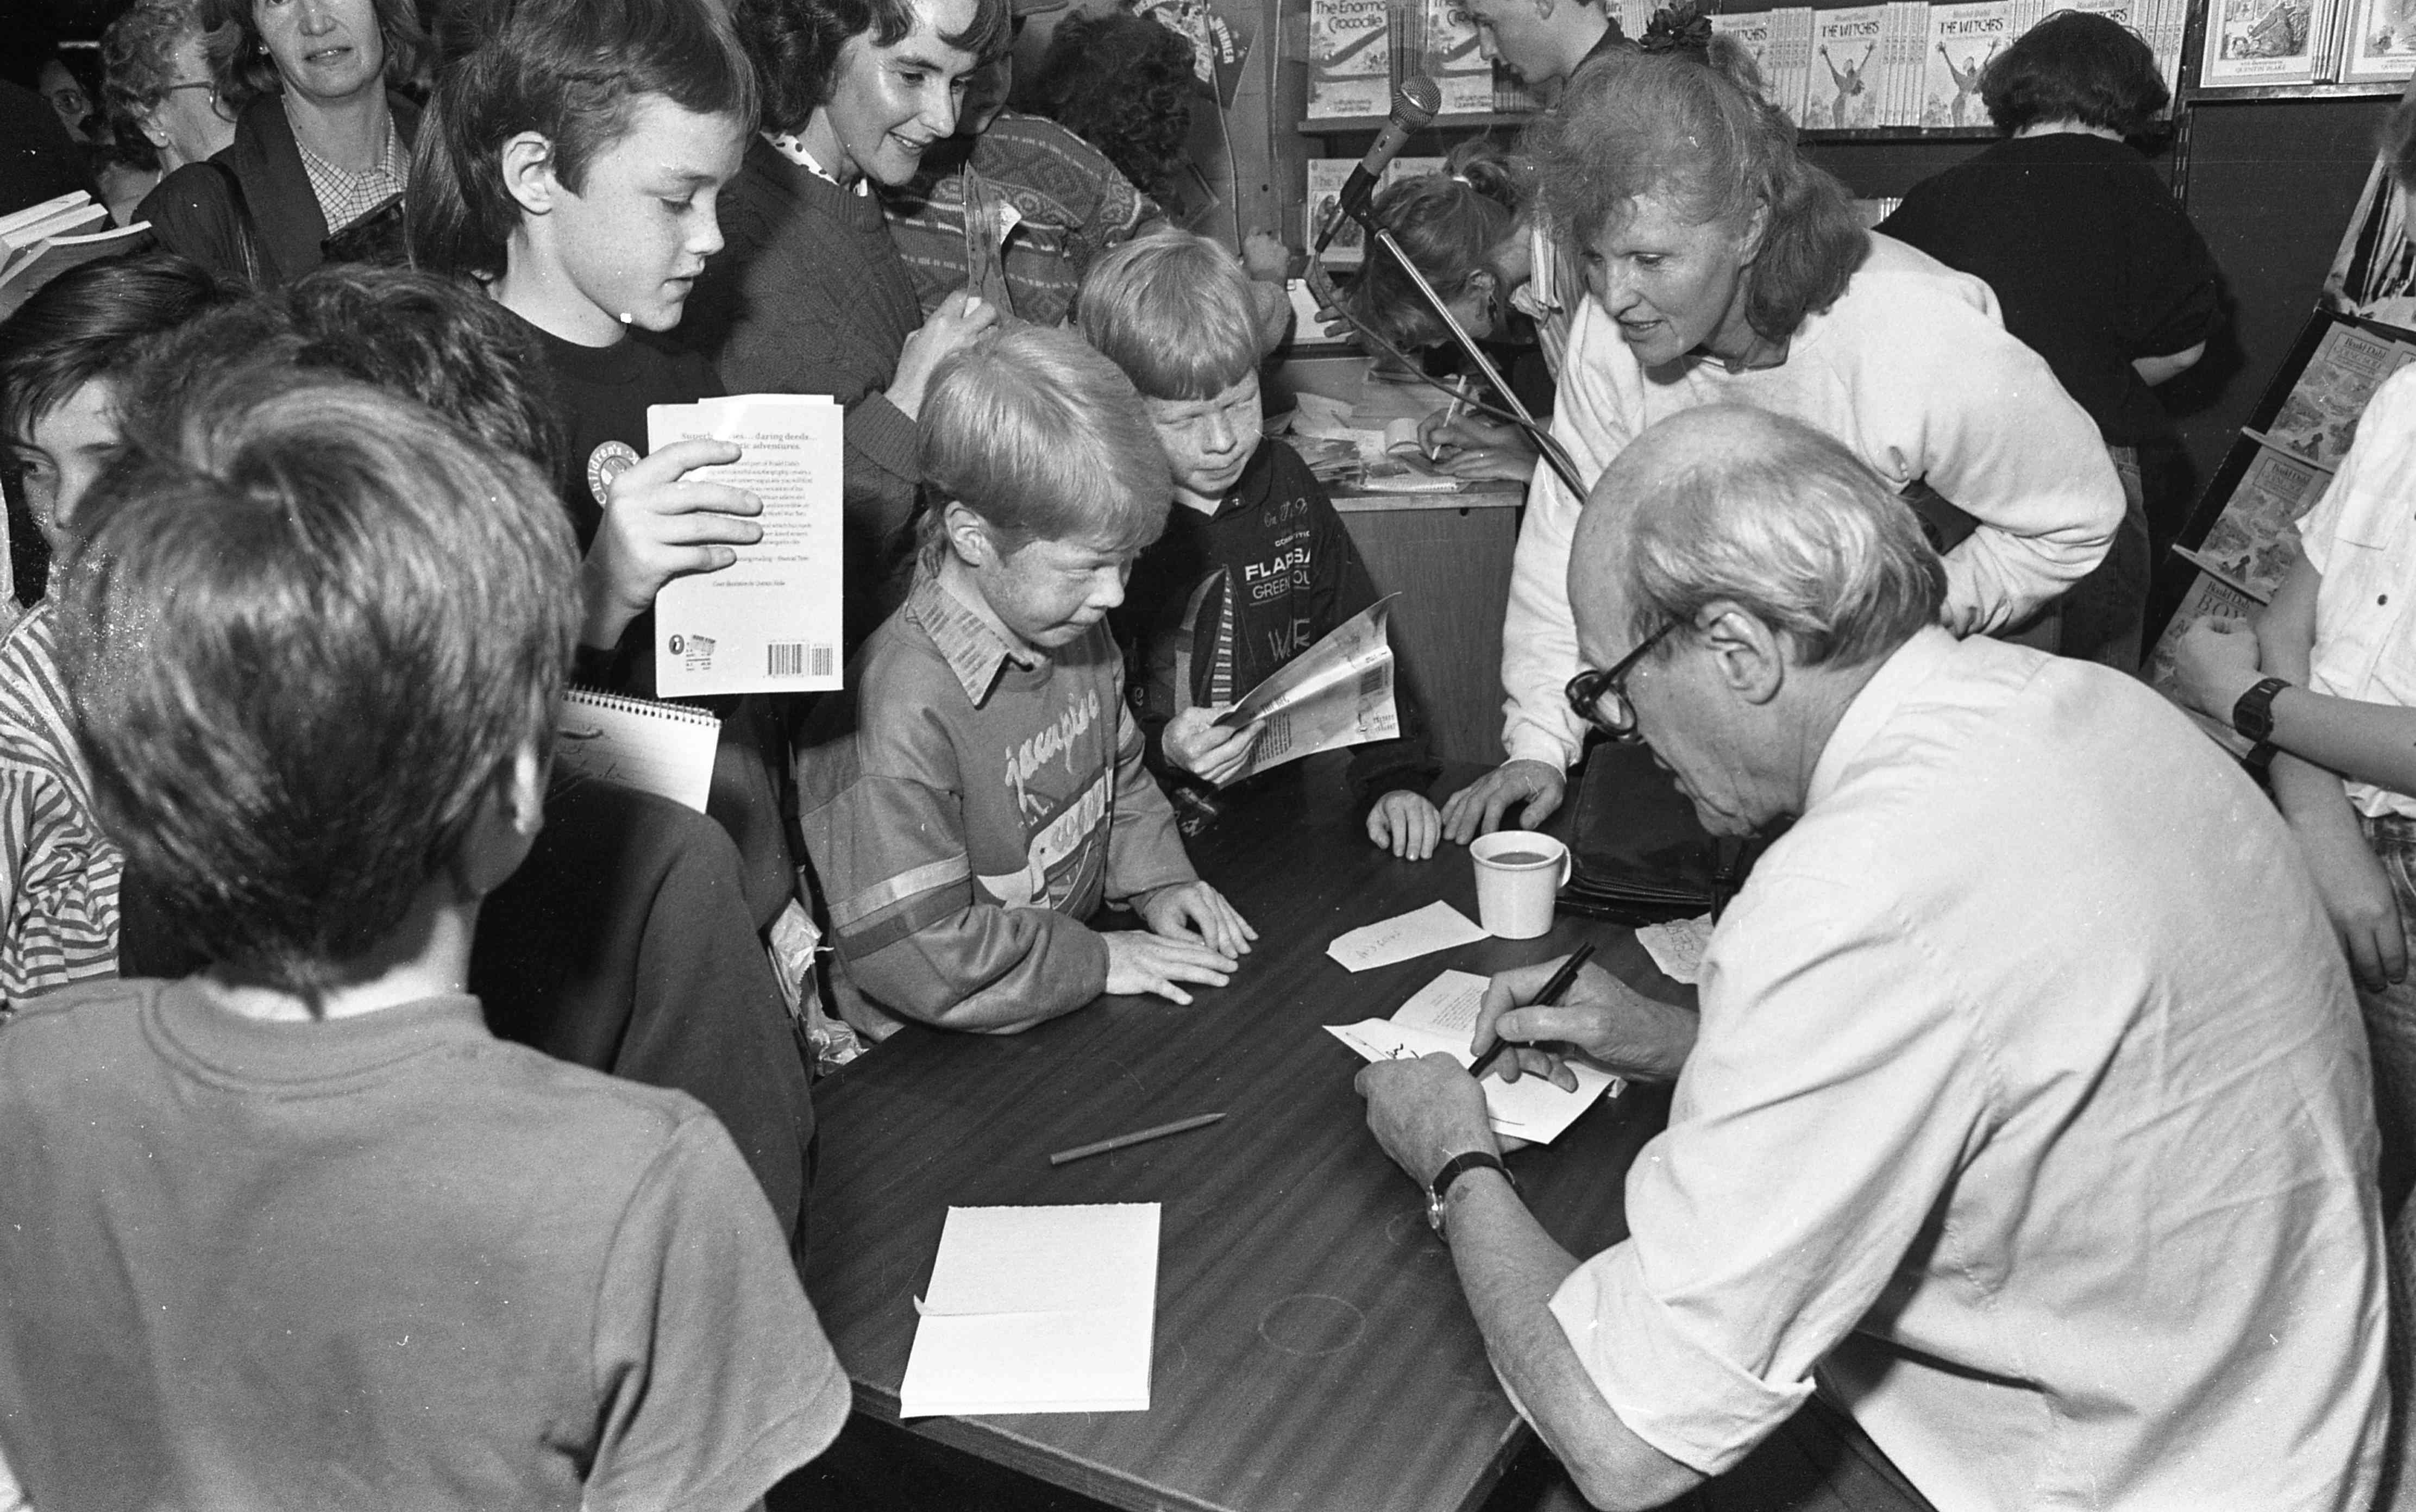 Una multitud de niños espera el autógrafo de Dahl